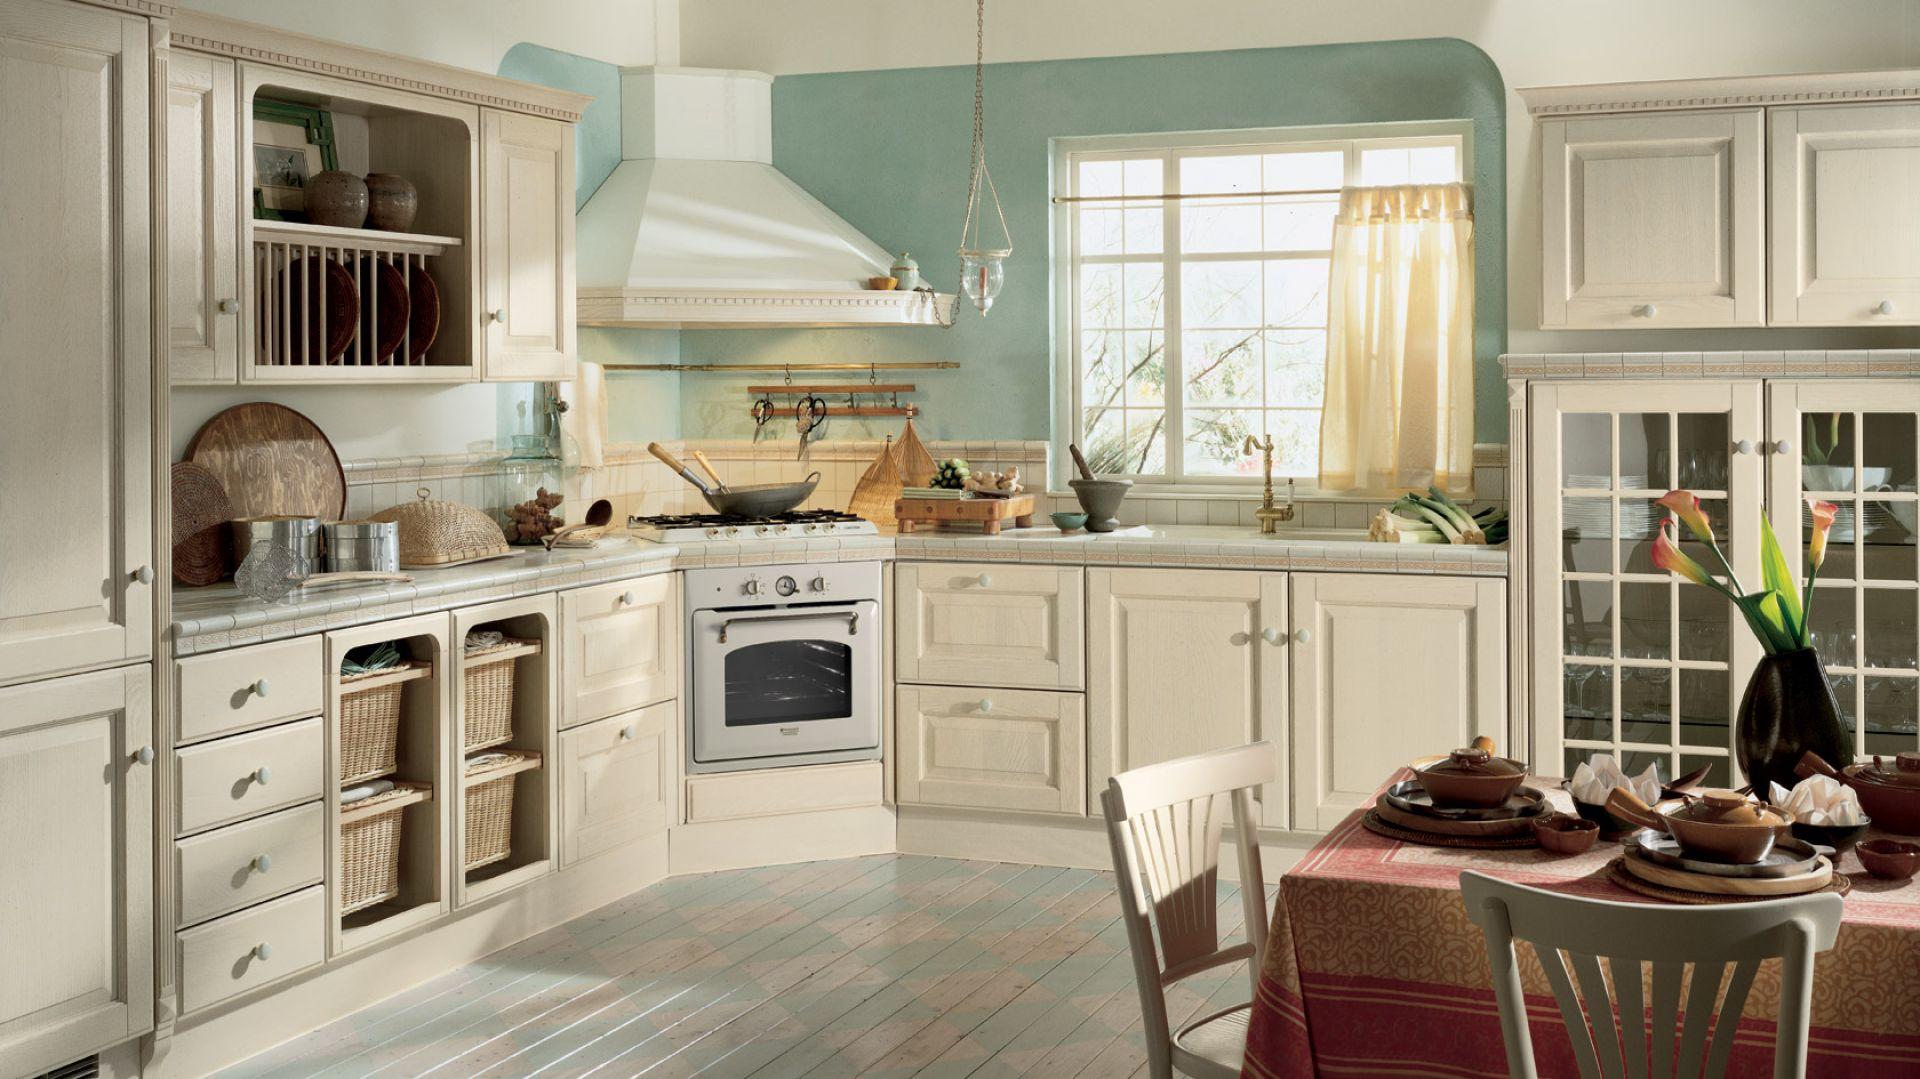 Klasyczne kuchnie są pełne małych, stylowych detali oraz wypełnione aromatem świeżo upieczonego chleba. Kuchnia